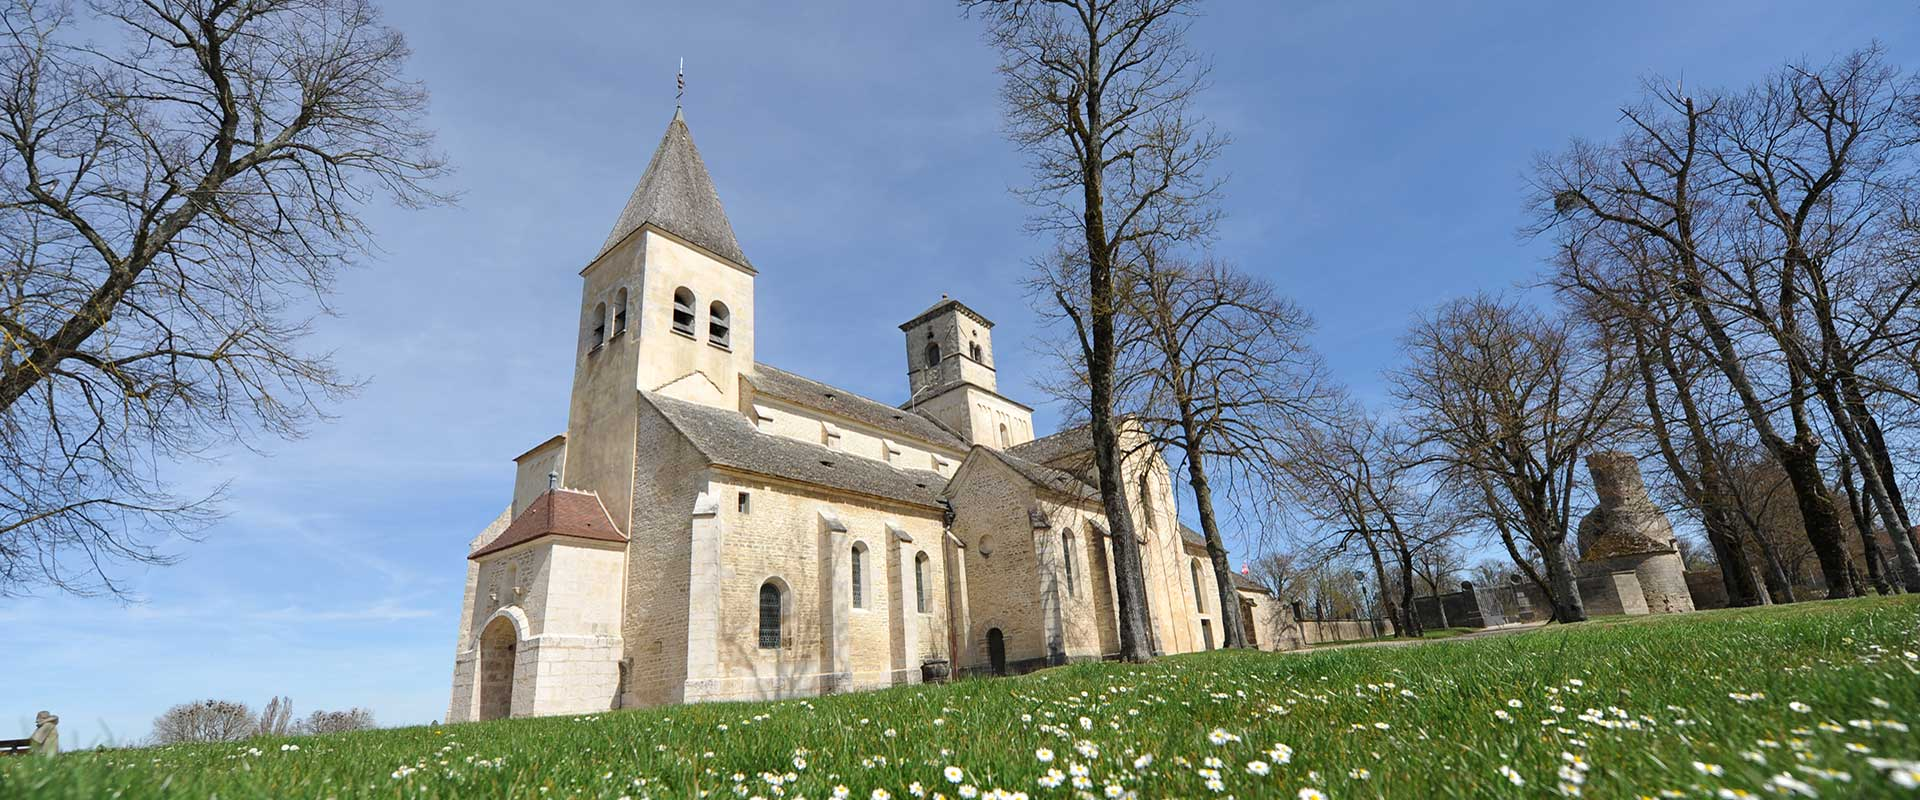 église Saint-Vorles Châtillon-sur-Seine